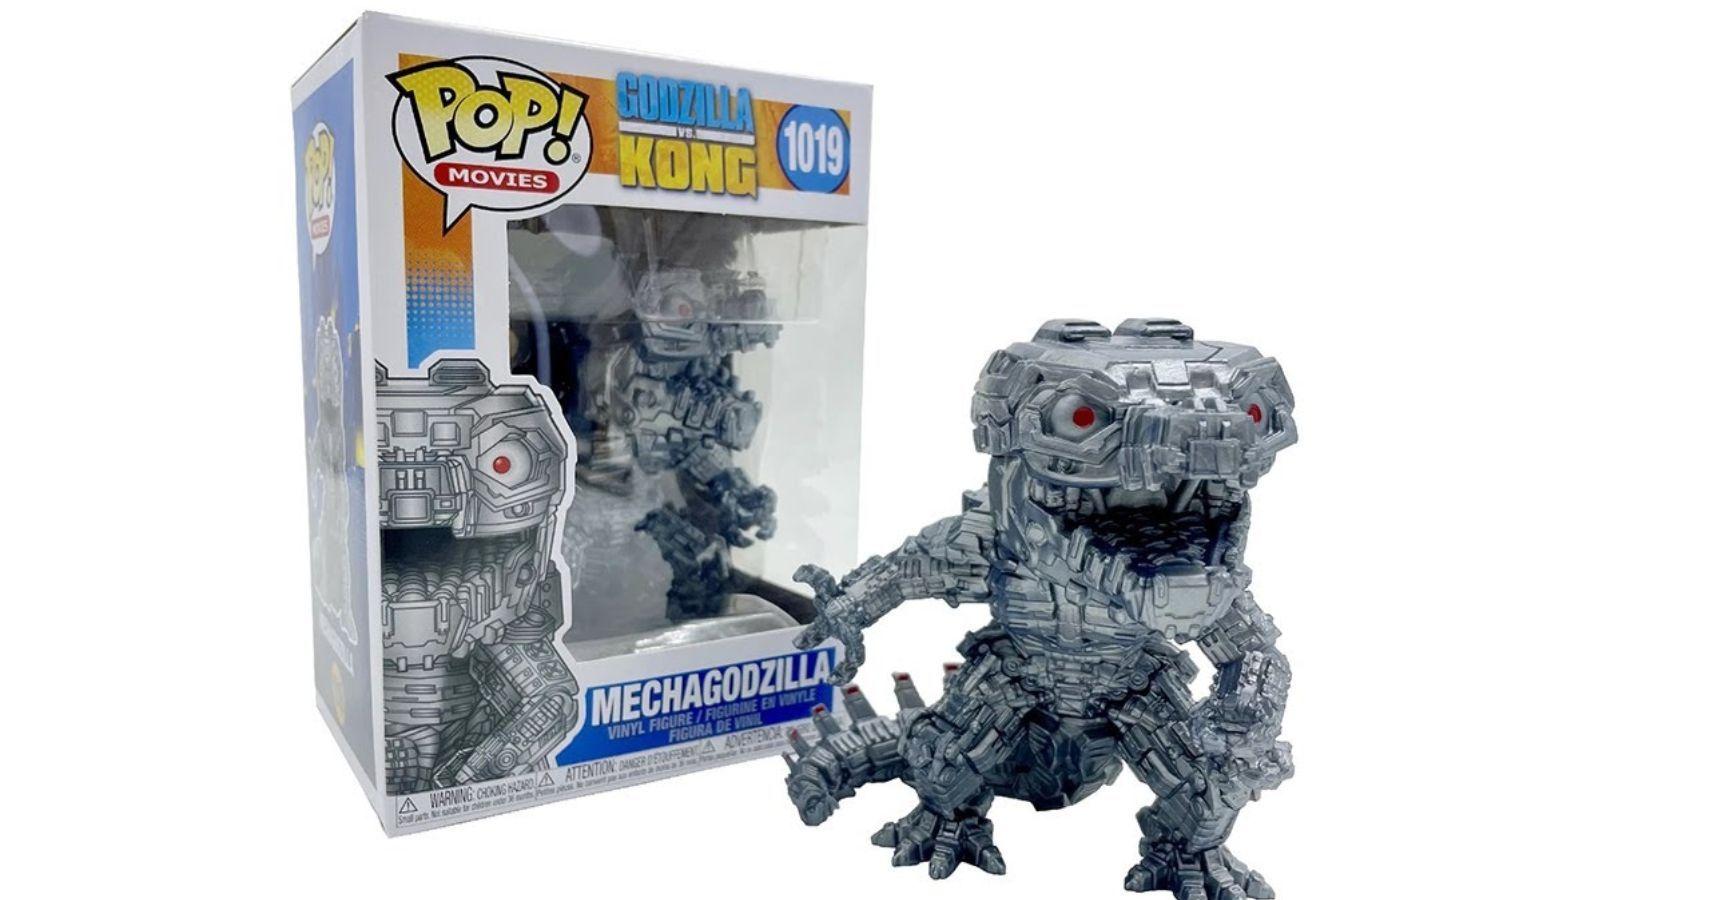 Godzilla vs. Kong's Mechagodzilla Has A Metallic Funko Pop Available For Pre-Order